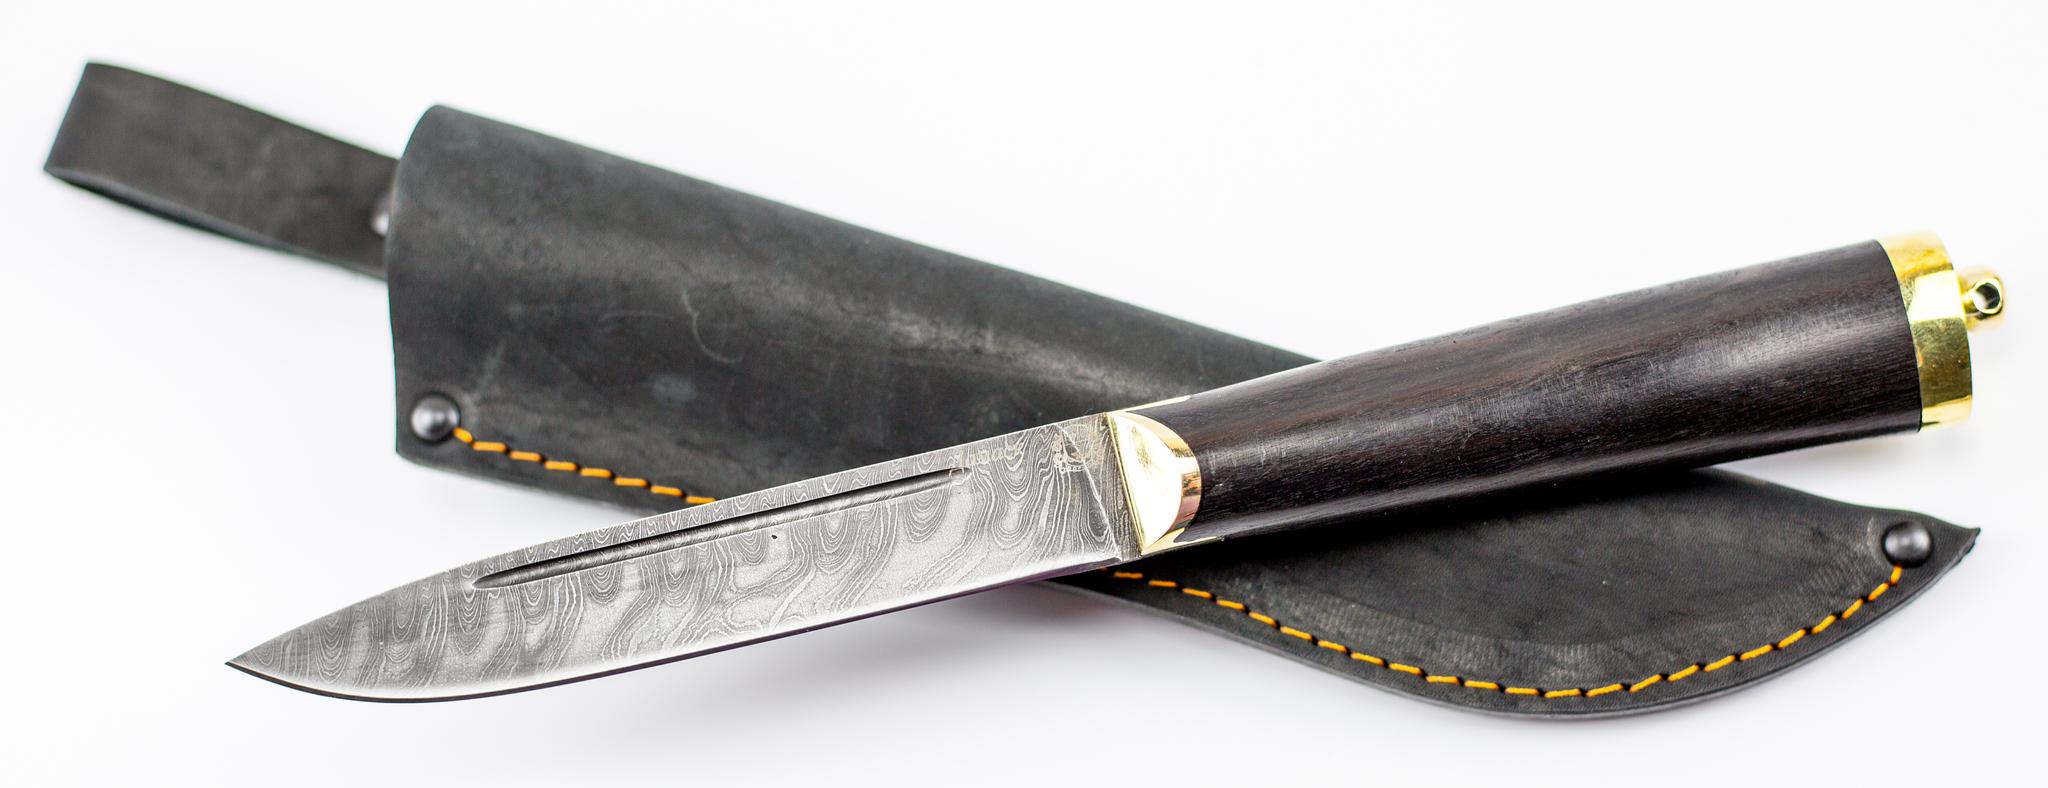 Фото 14 - Нож Абхазский средний, дамаск от Мастерская Сковородихина